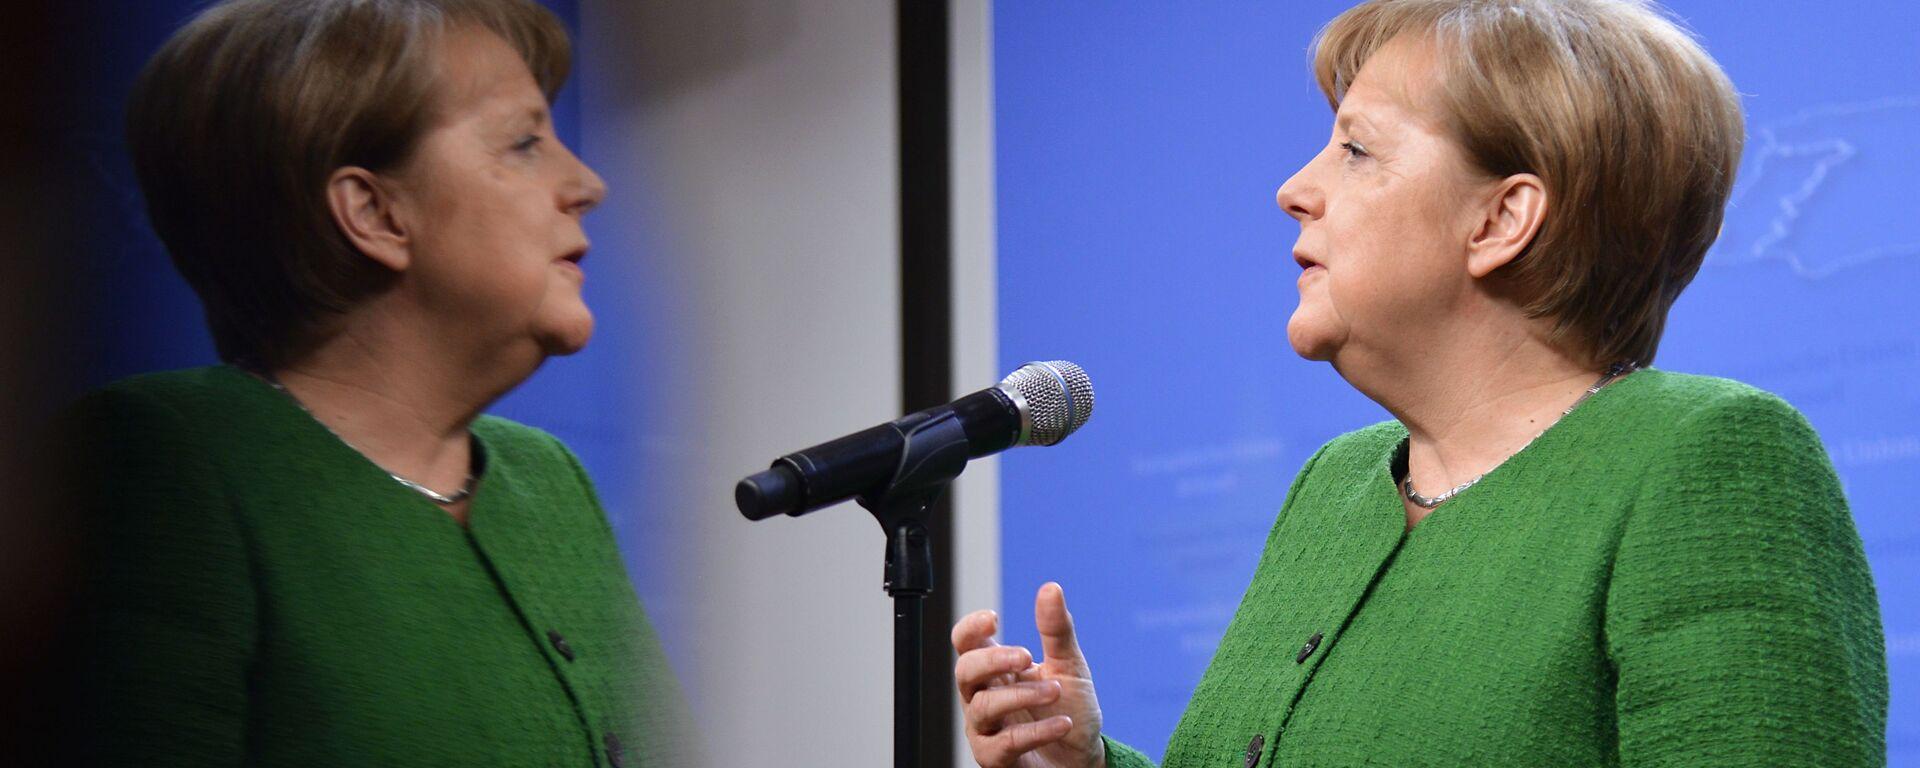 Канцлер Германии Ангела Меркель во время саммита ЕС в Брюсселе - Sputnik Латвия, 1920, 30.08.2021